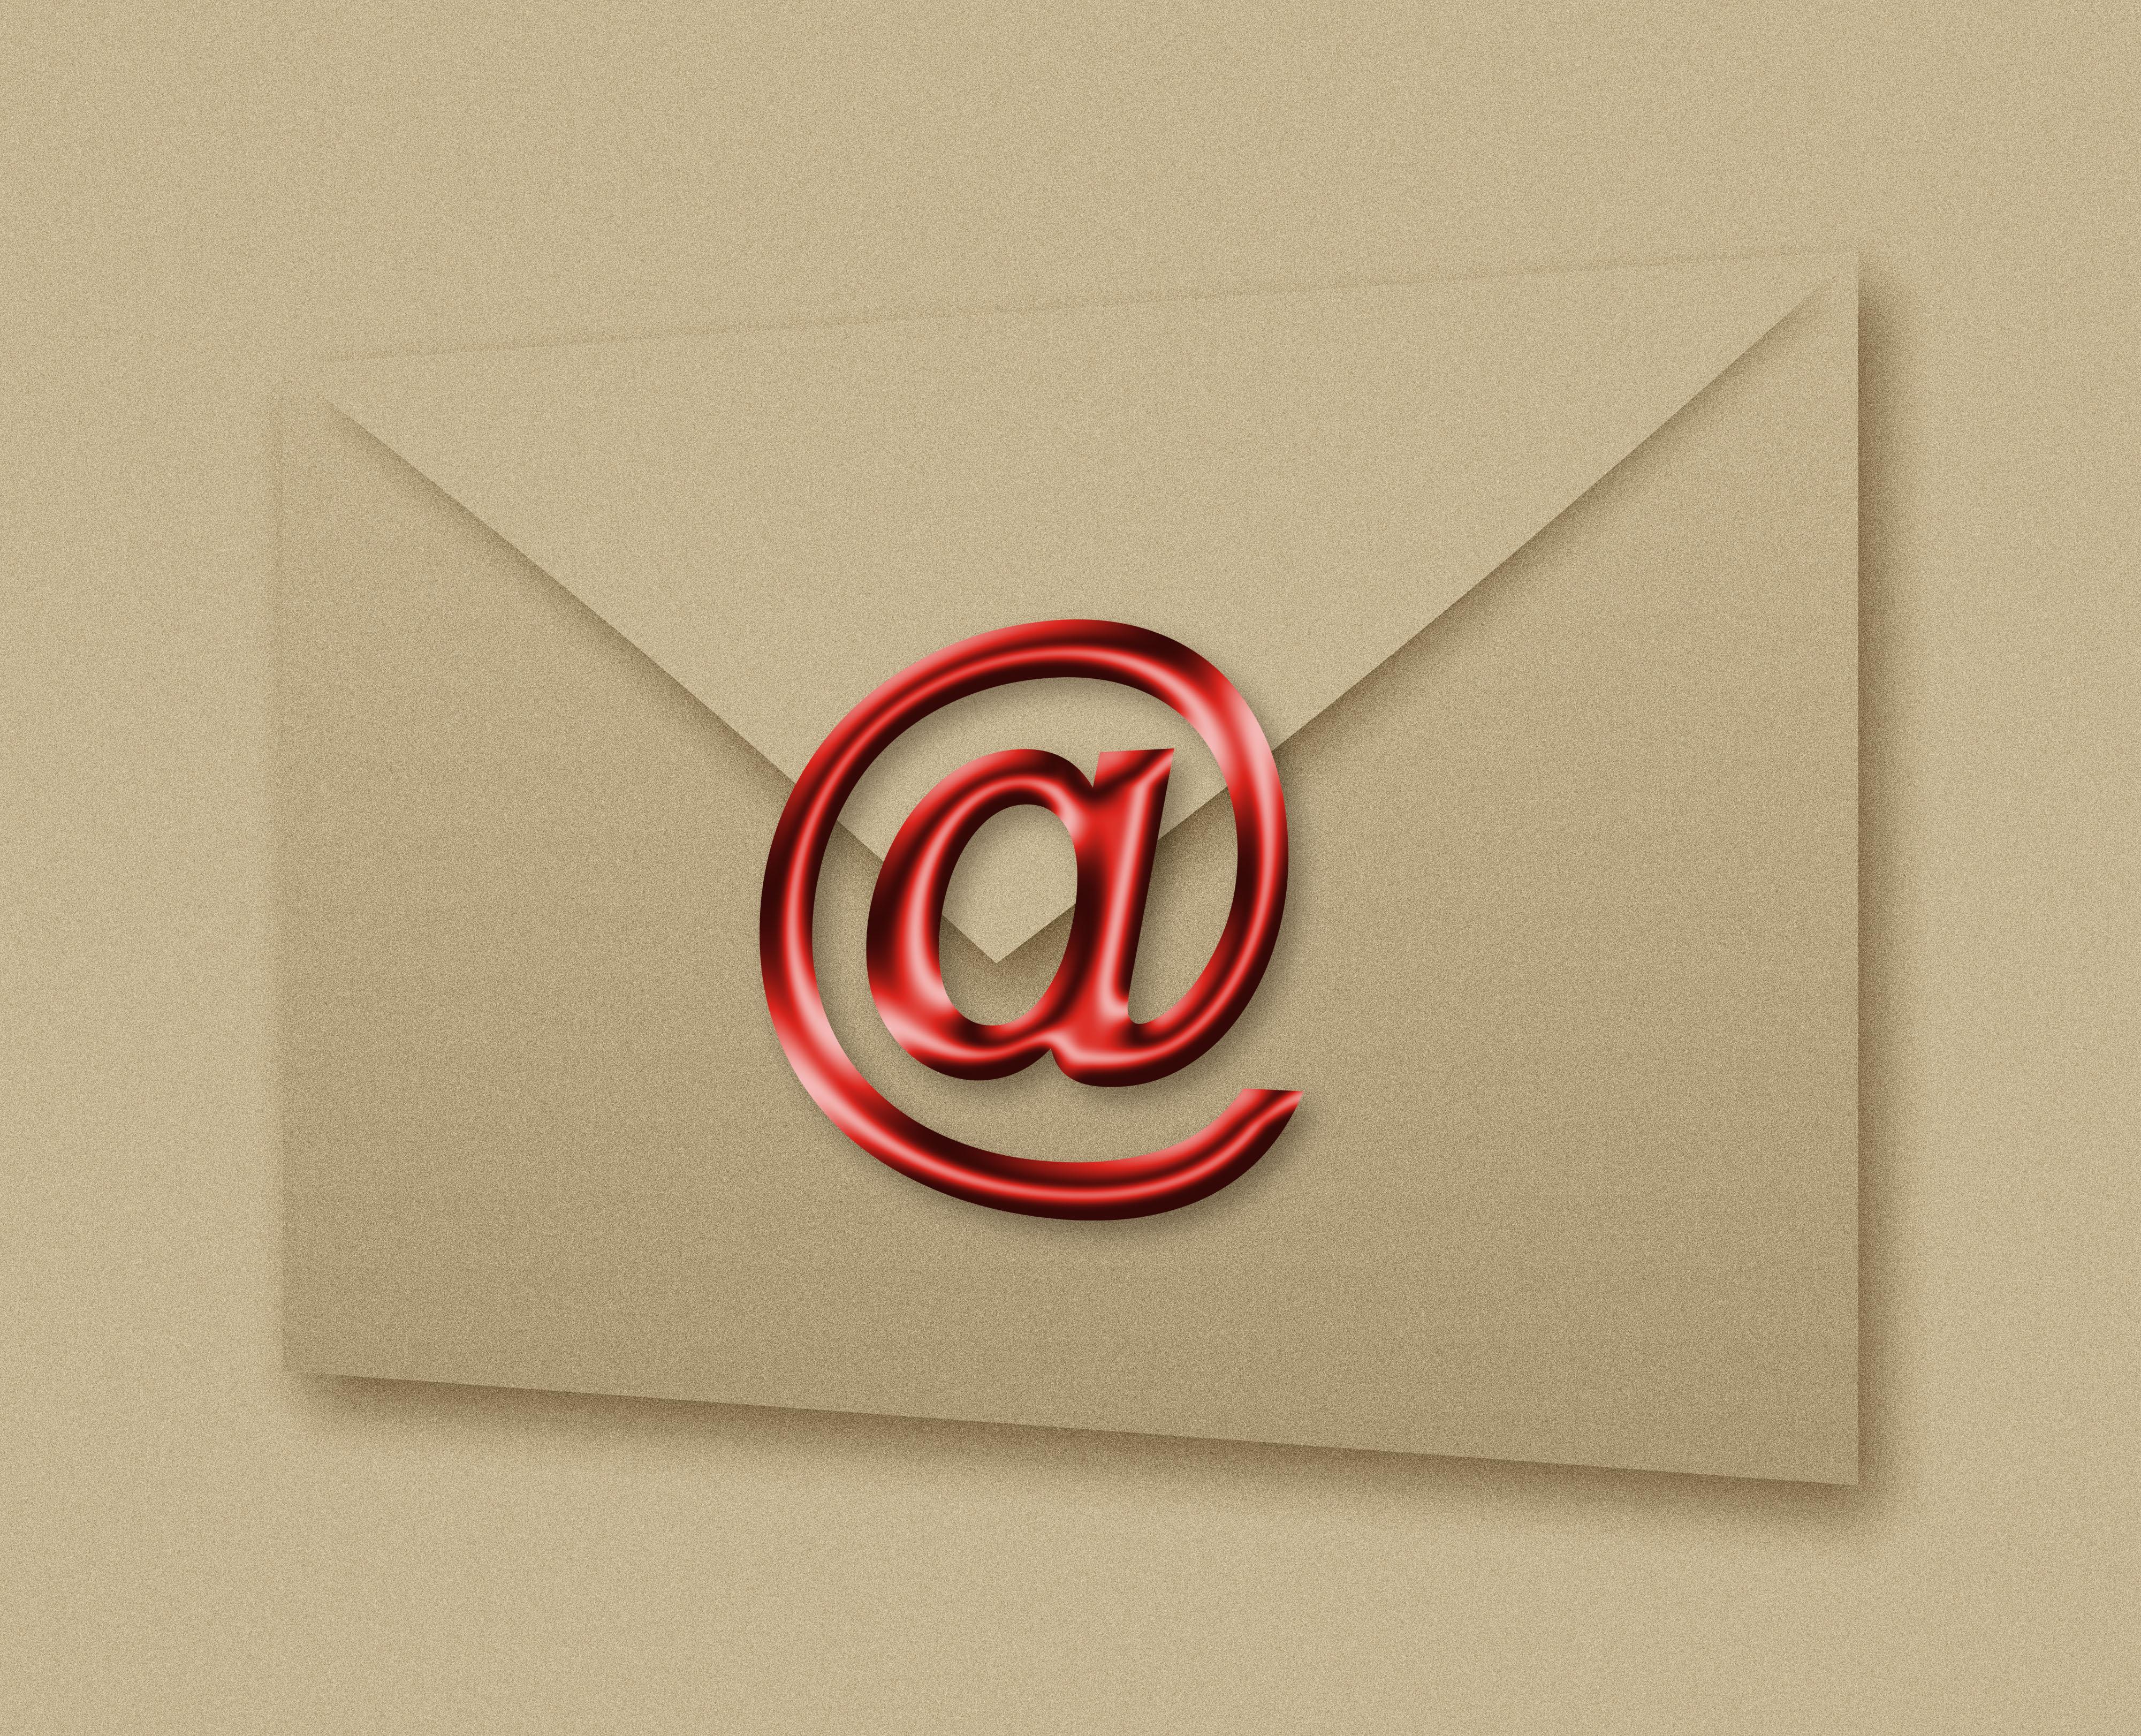 ваши ежедневные нейтральные картинки на аву для почты унаследовала